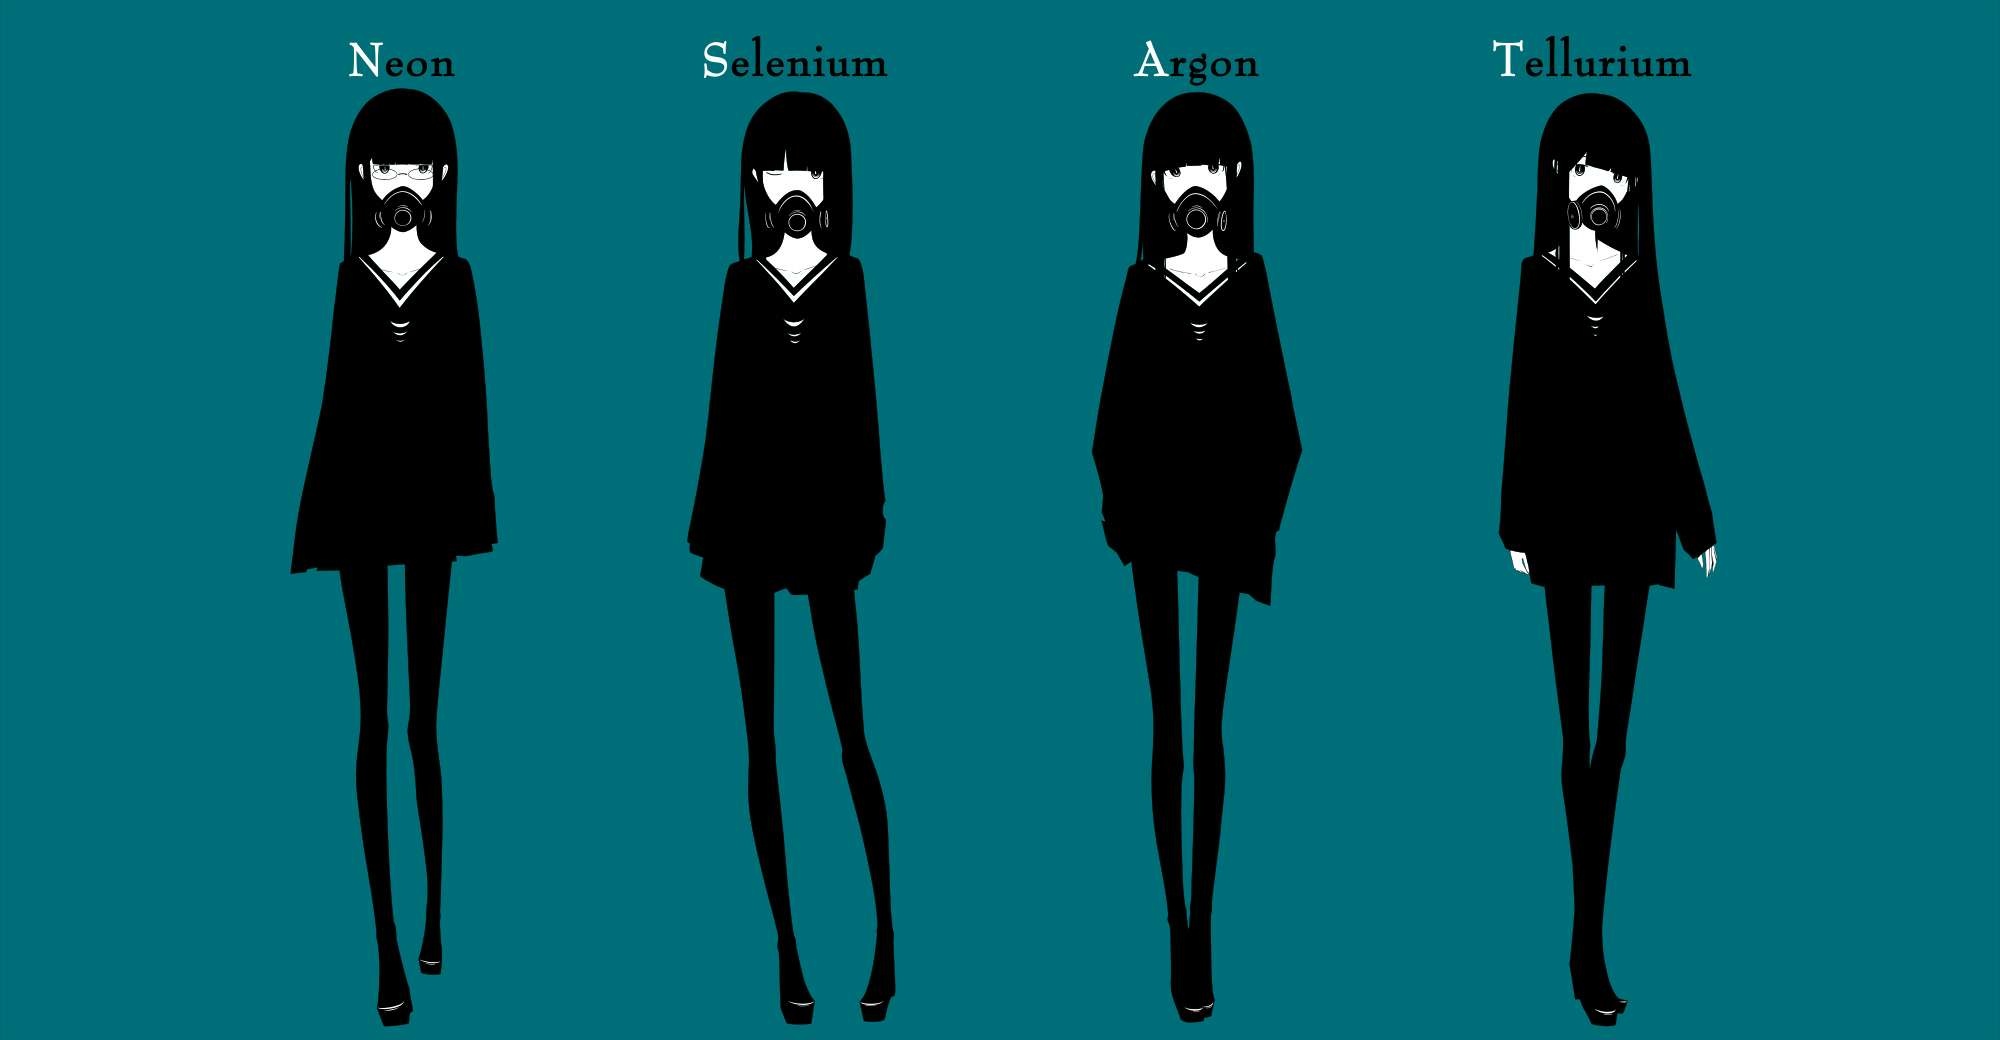 【美图】Haru插画选,简约深刻。